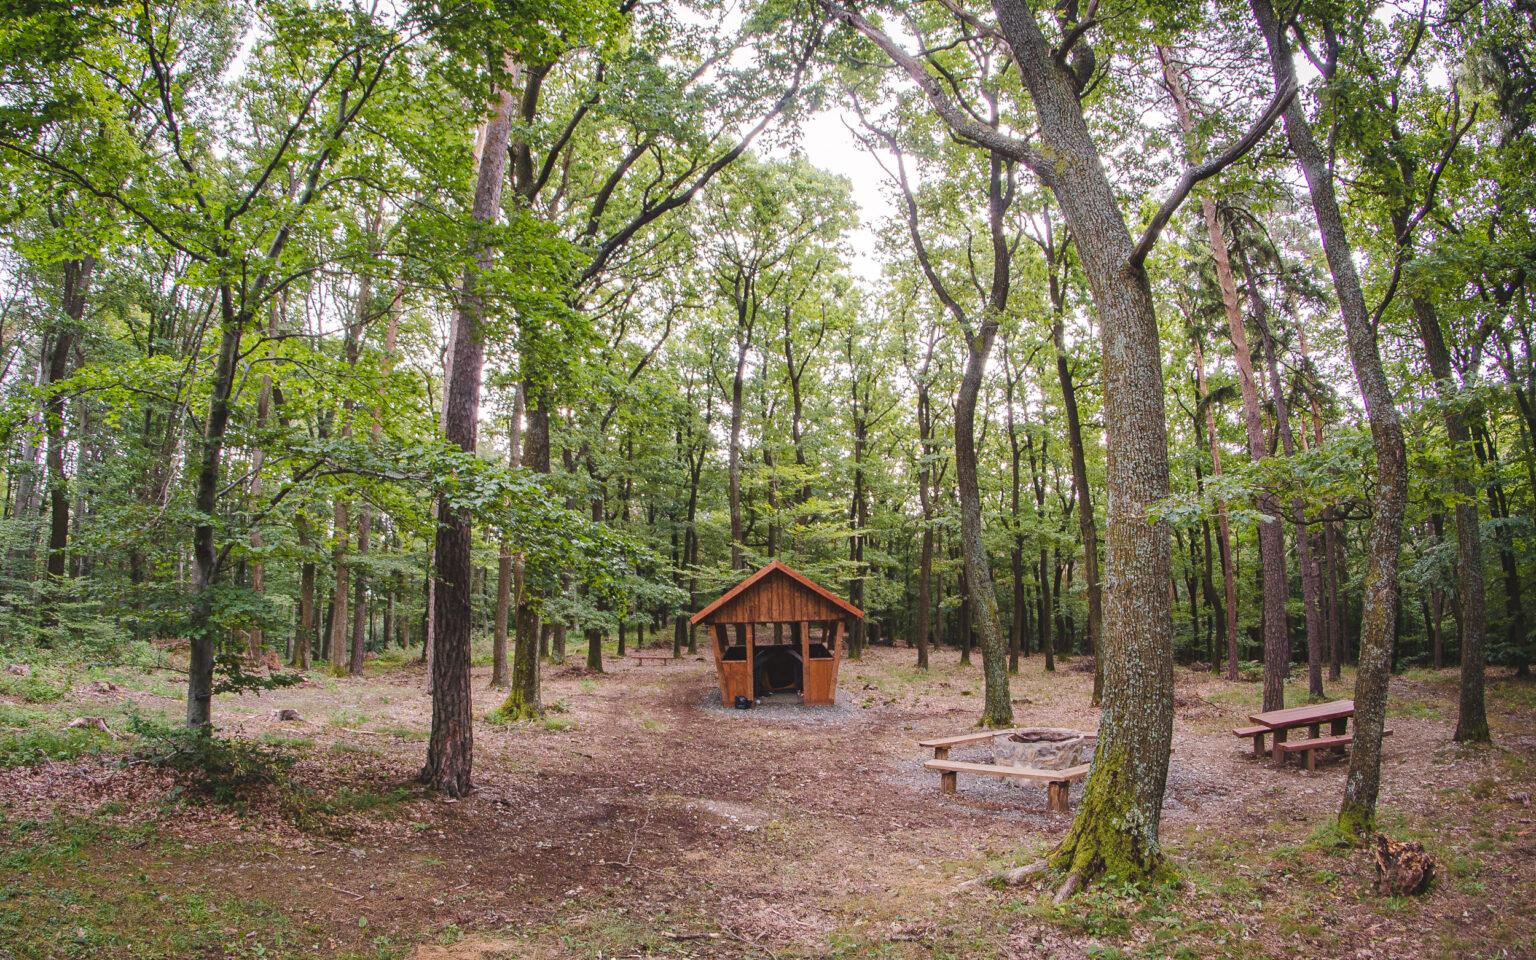 Wiata w lesie - góry na Węgrzech